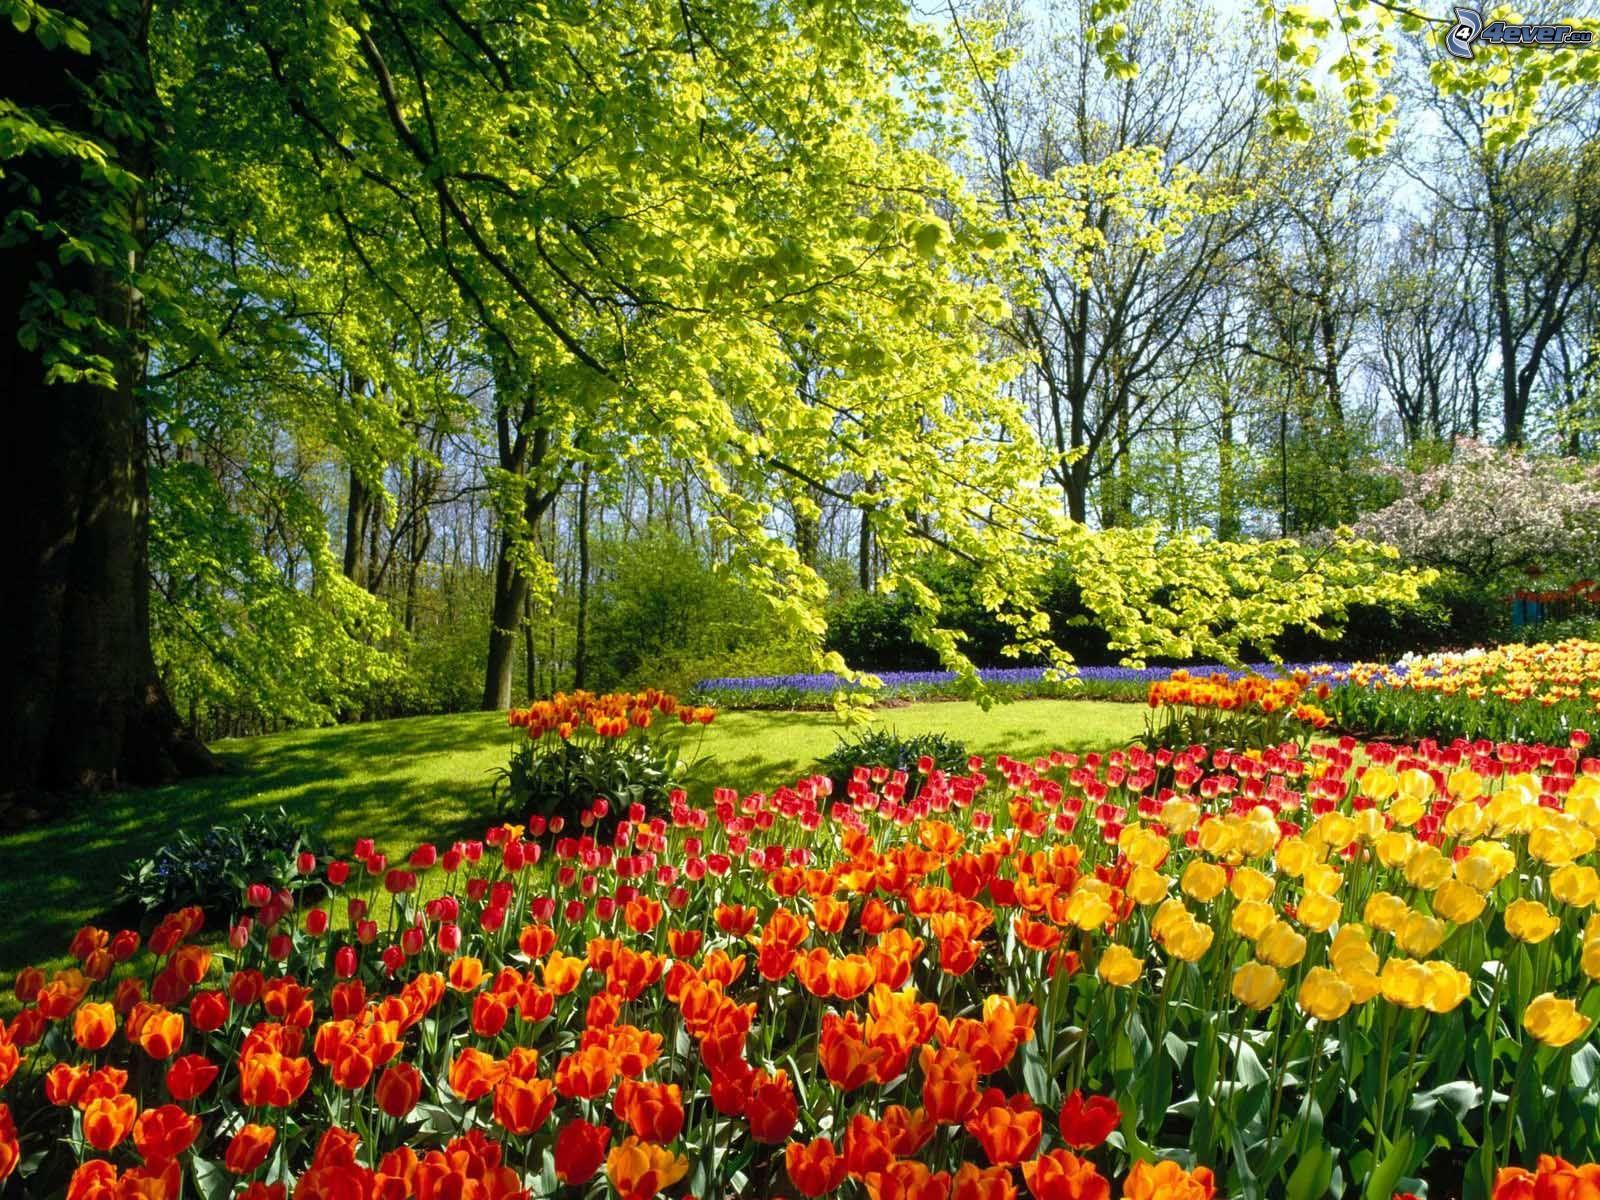 Risultati immagini per spring landscapes